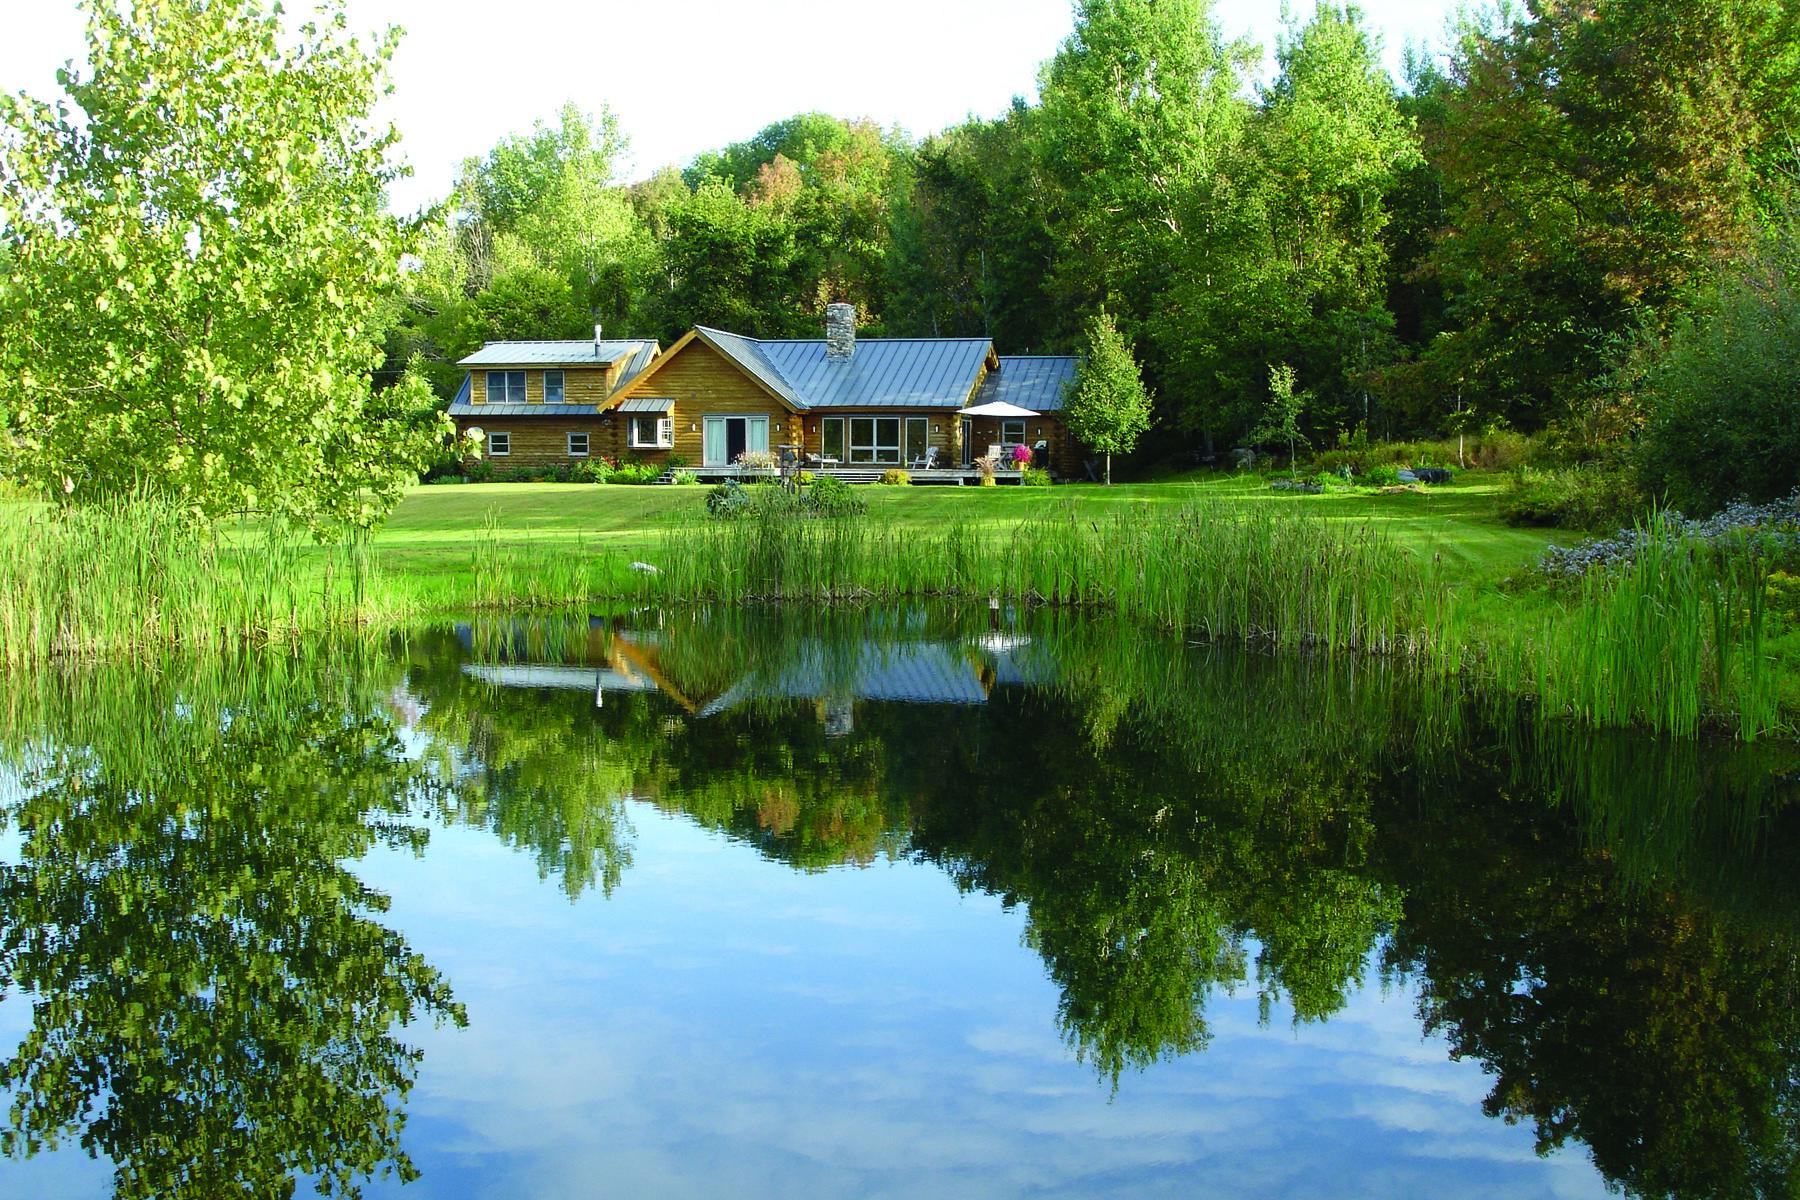 Частный односемейный дом для того Продажа на Country Chic Log Home 55 Kelley Hill Rd Danby, Вермонт 05739 Соединенные Штаты